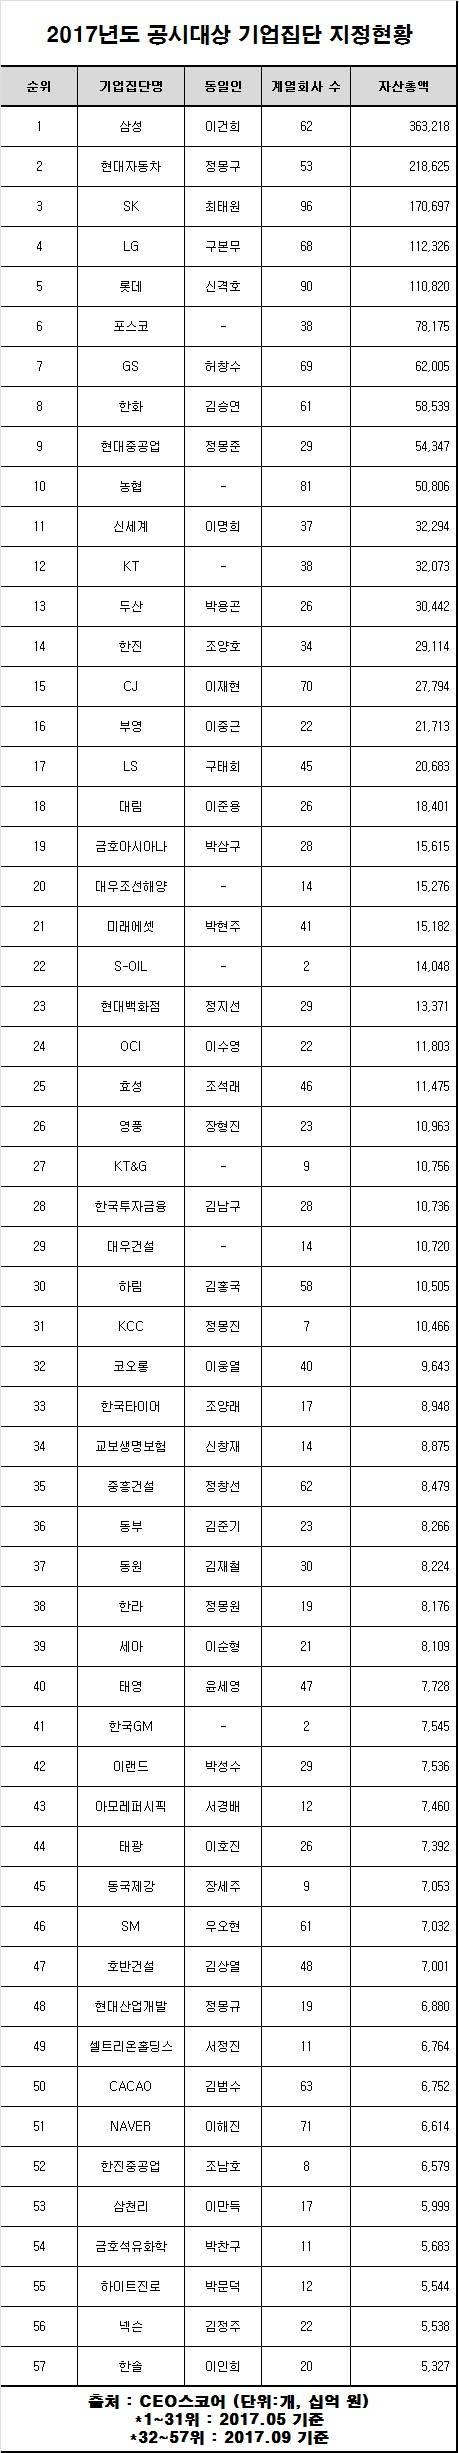 2017년도 공시대상 기업집단 지정현황